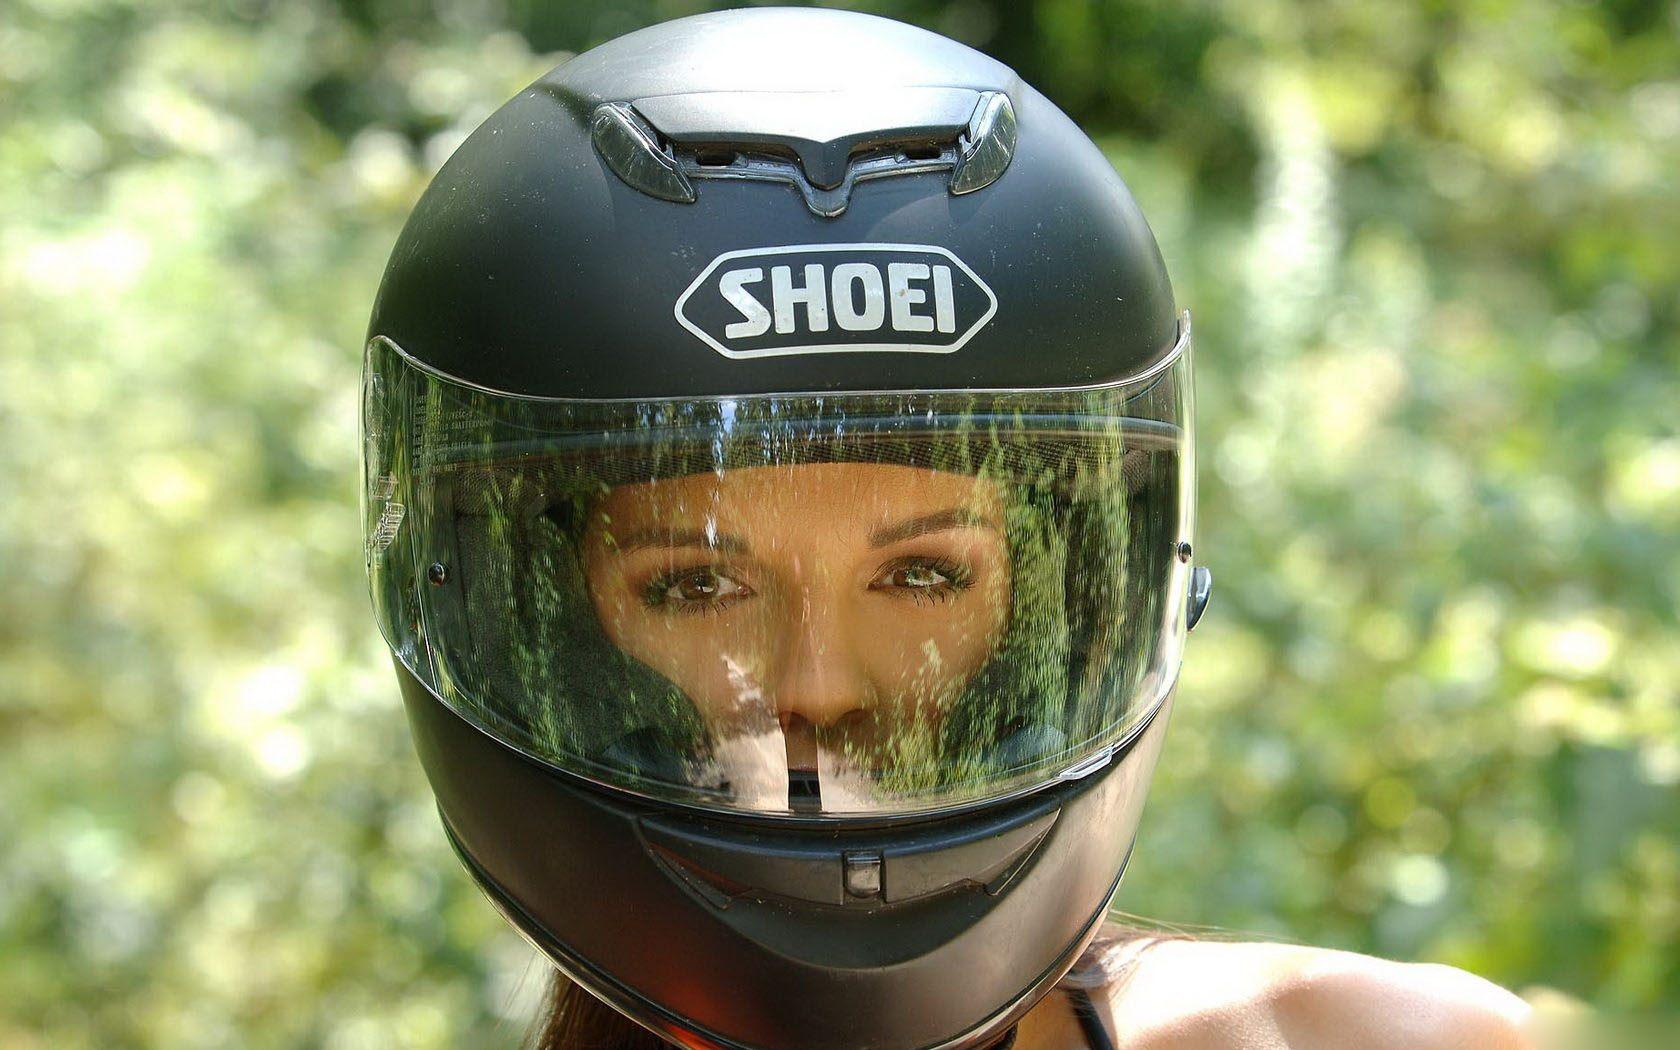 В таком шлеме в общественное место нельзя.